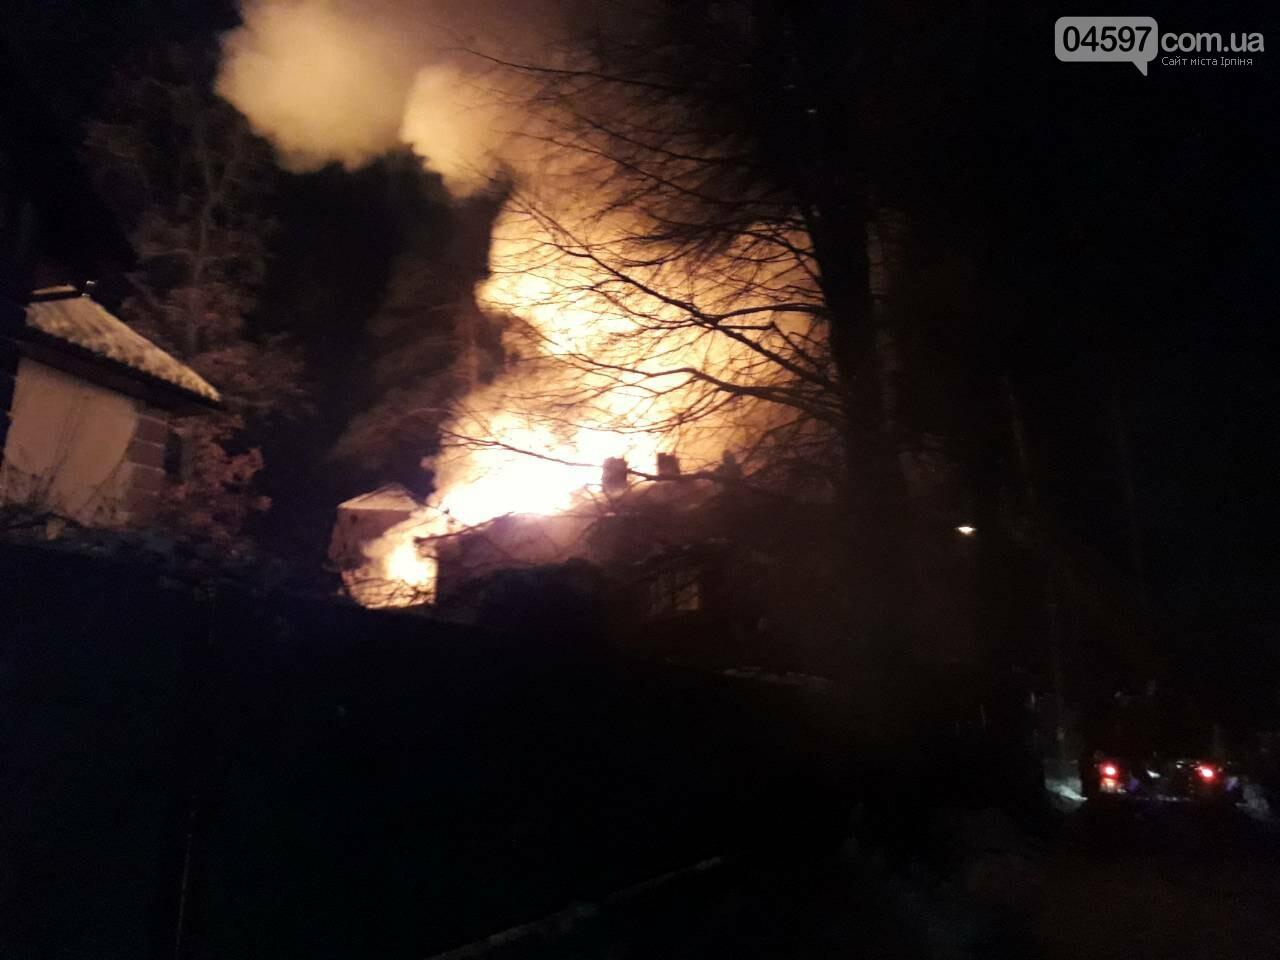 Масштабна пожежа в Ірпені: горів приватний будинок площею 400 м2, фото-3